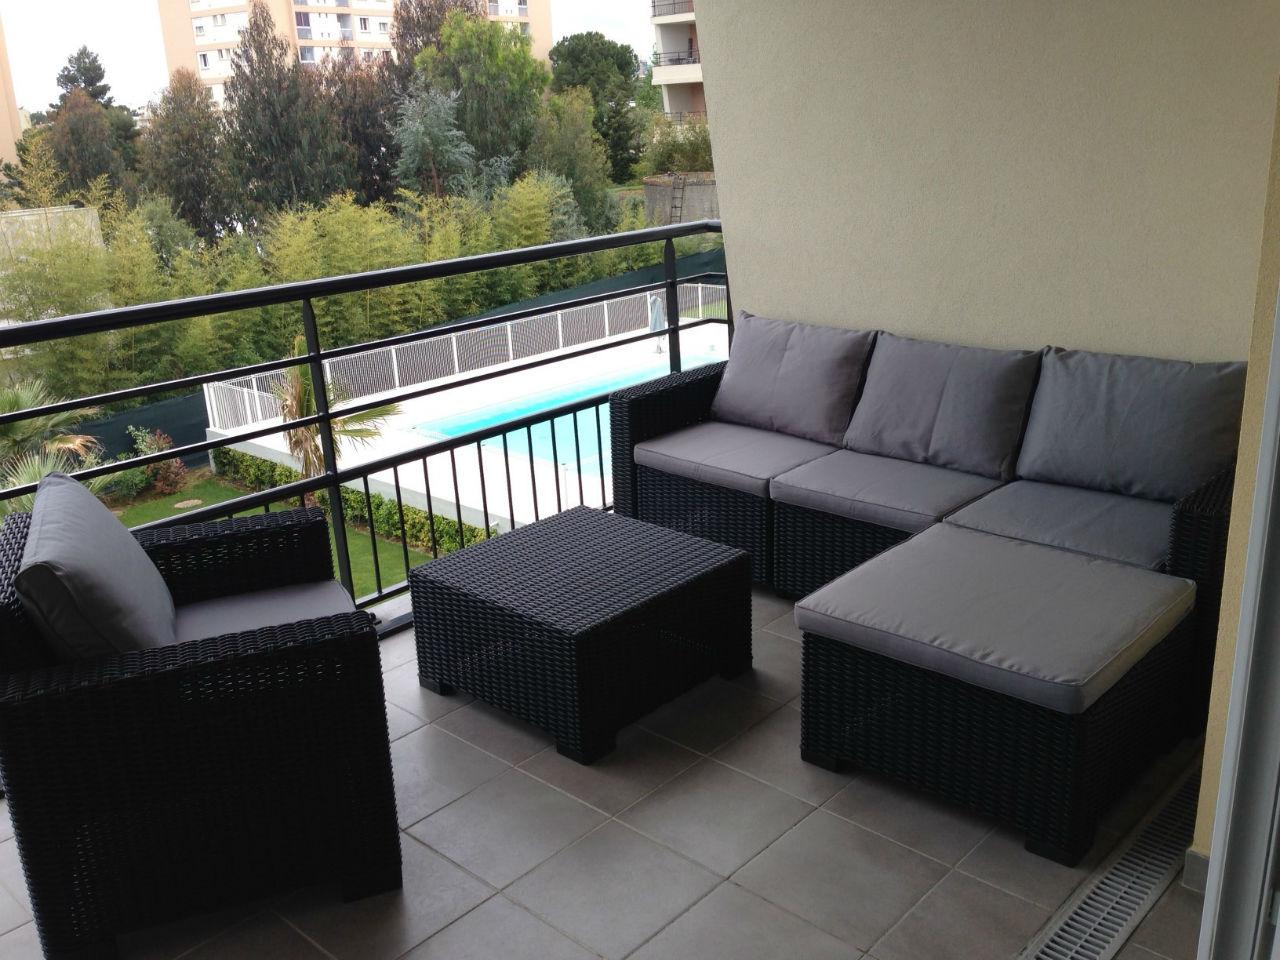 salon de jardin et terrasse